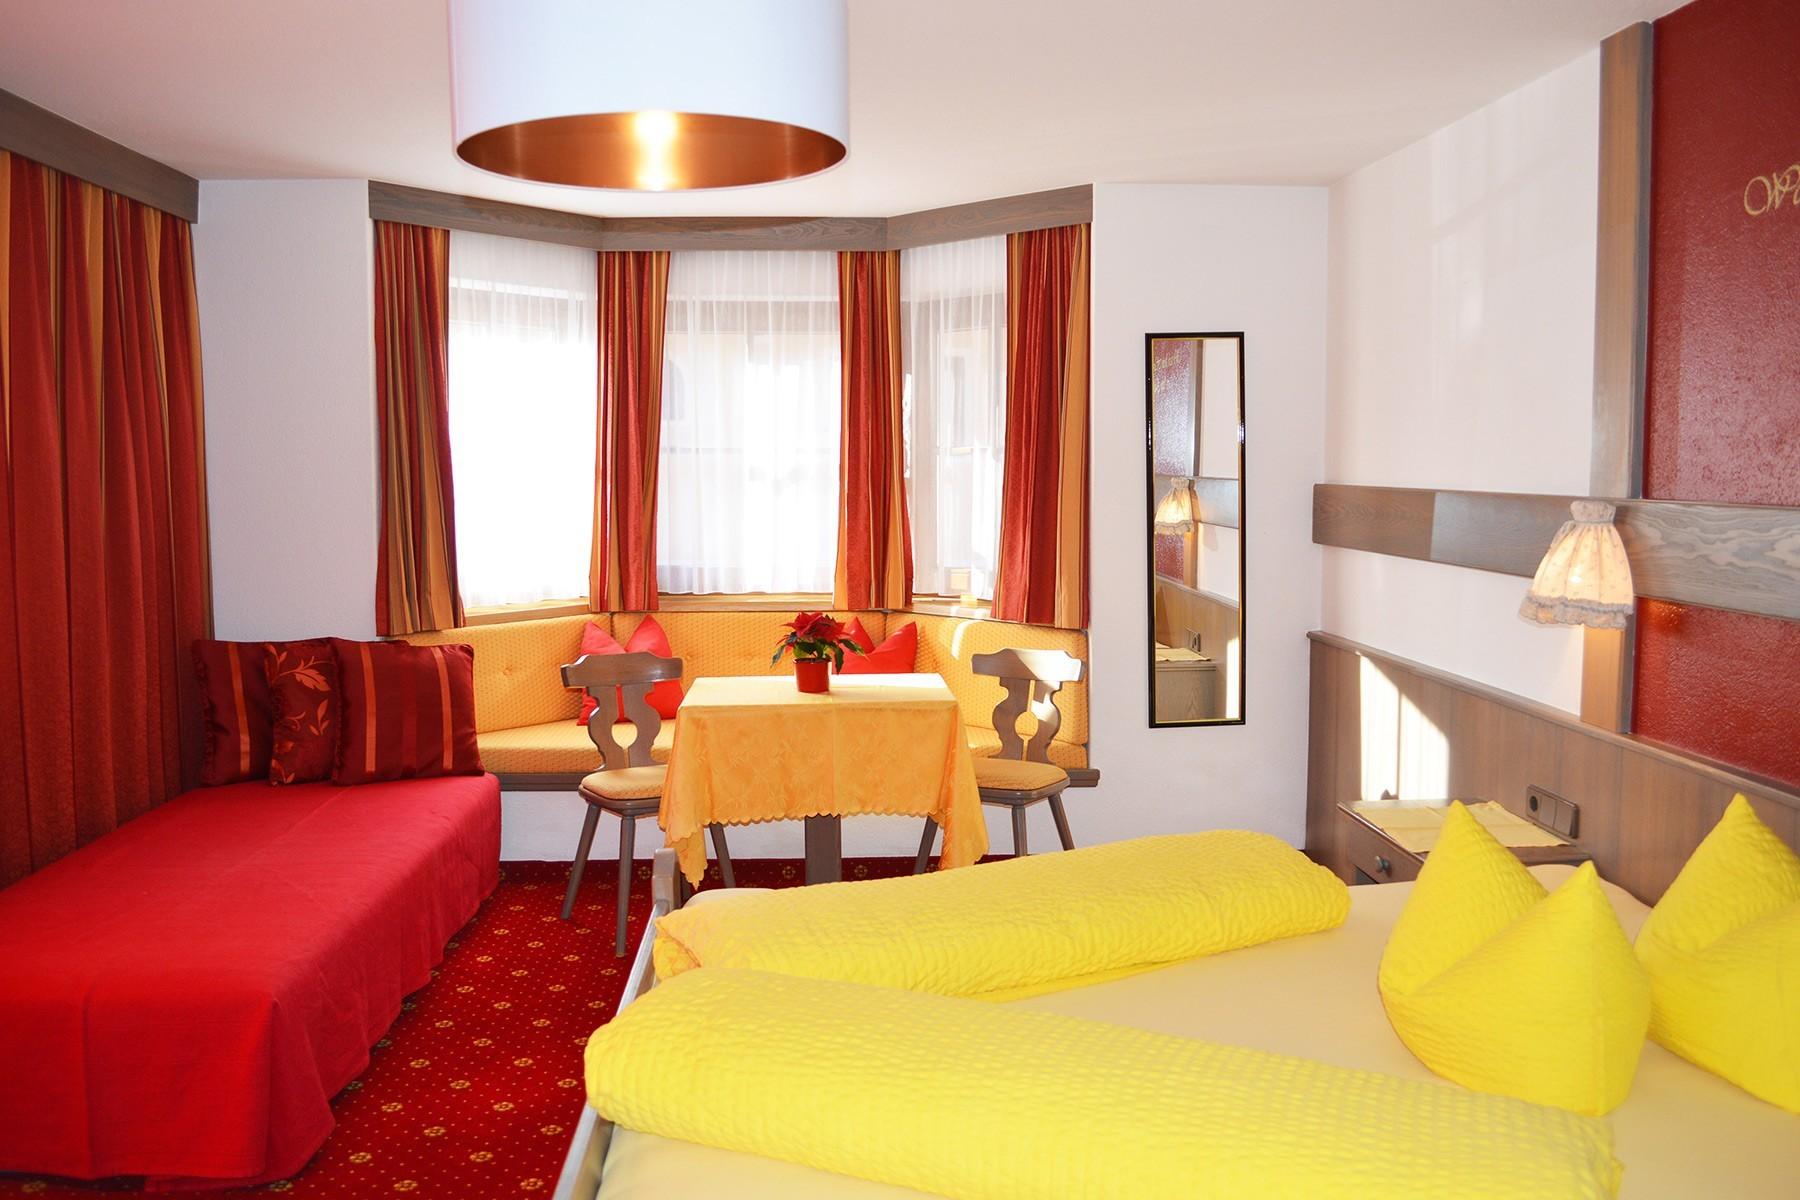 Doppelzimmer 'de luxe'